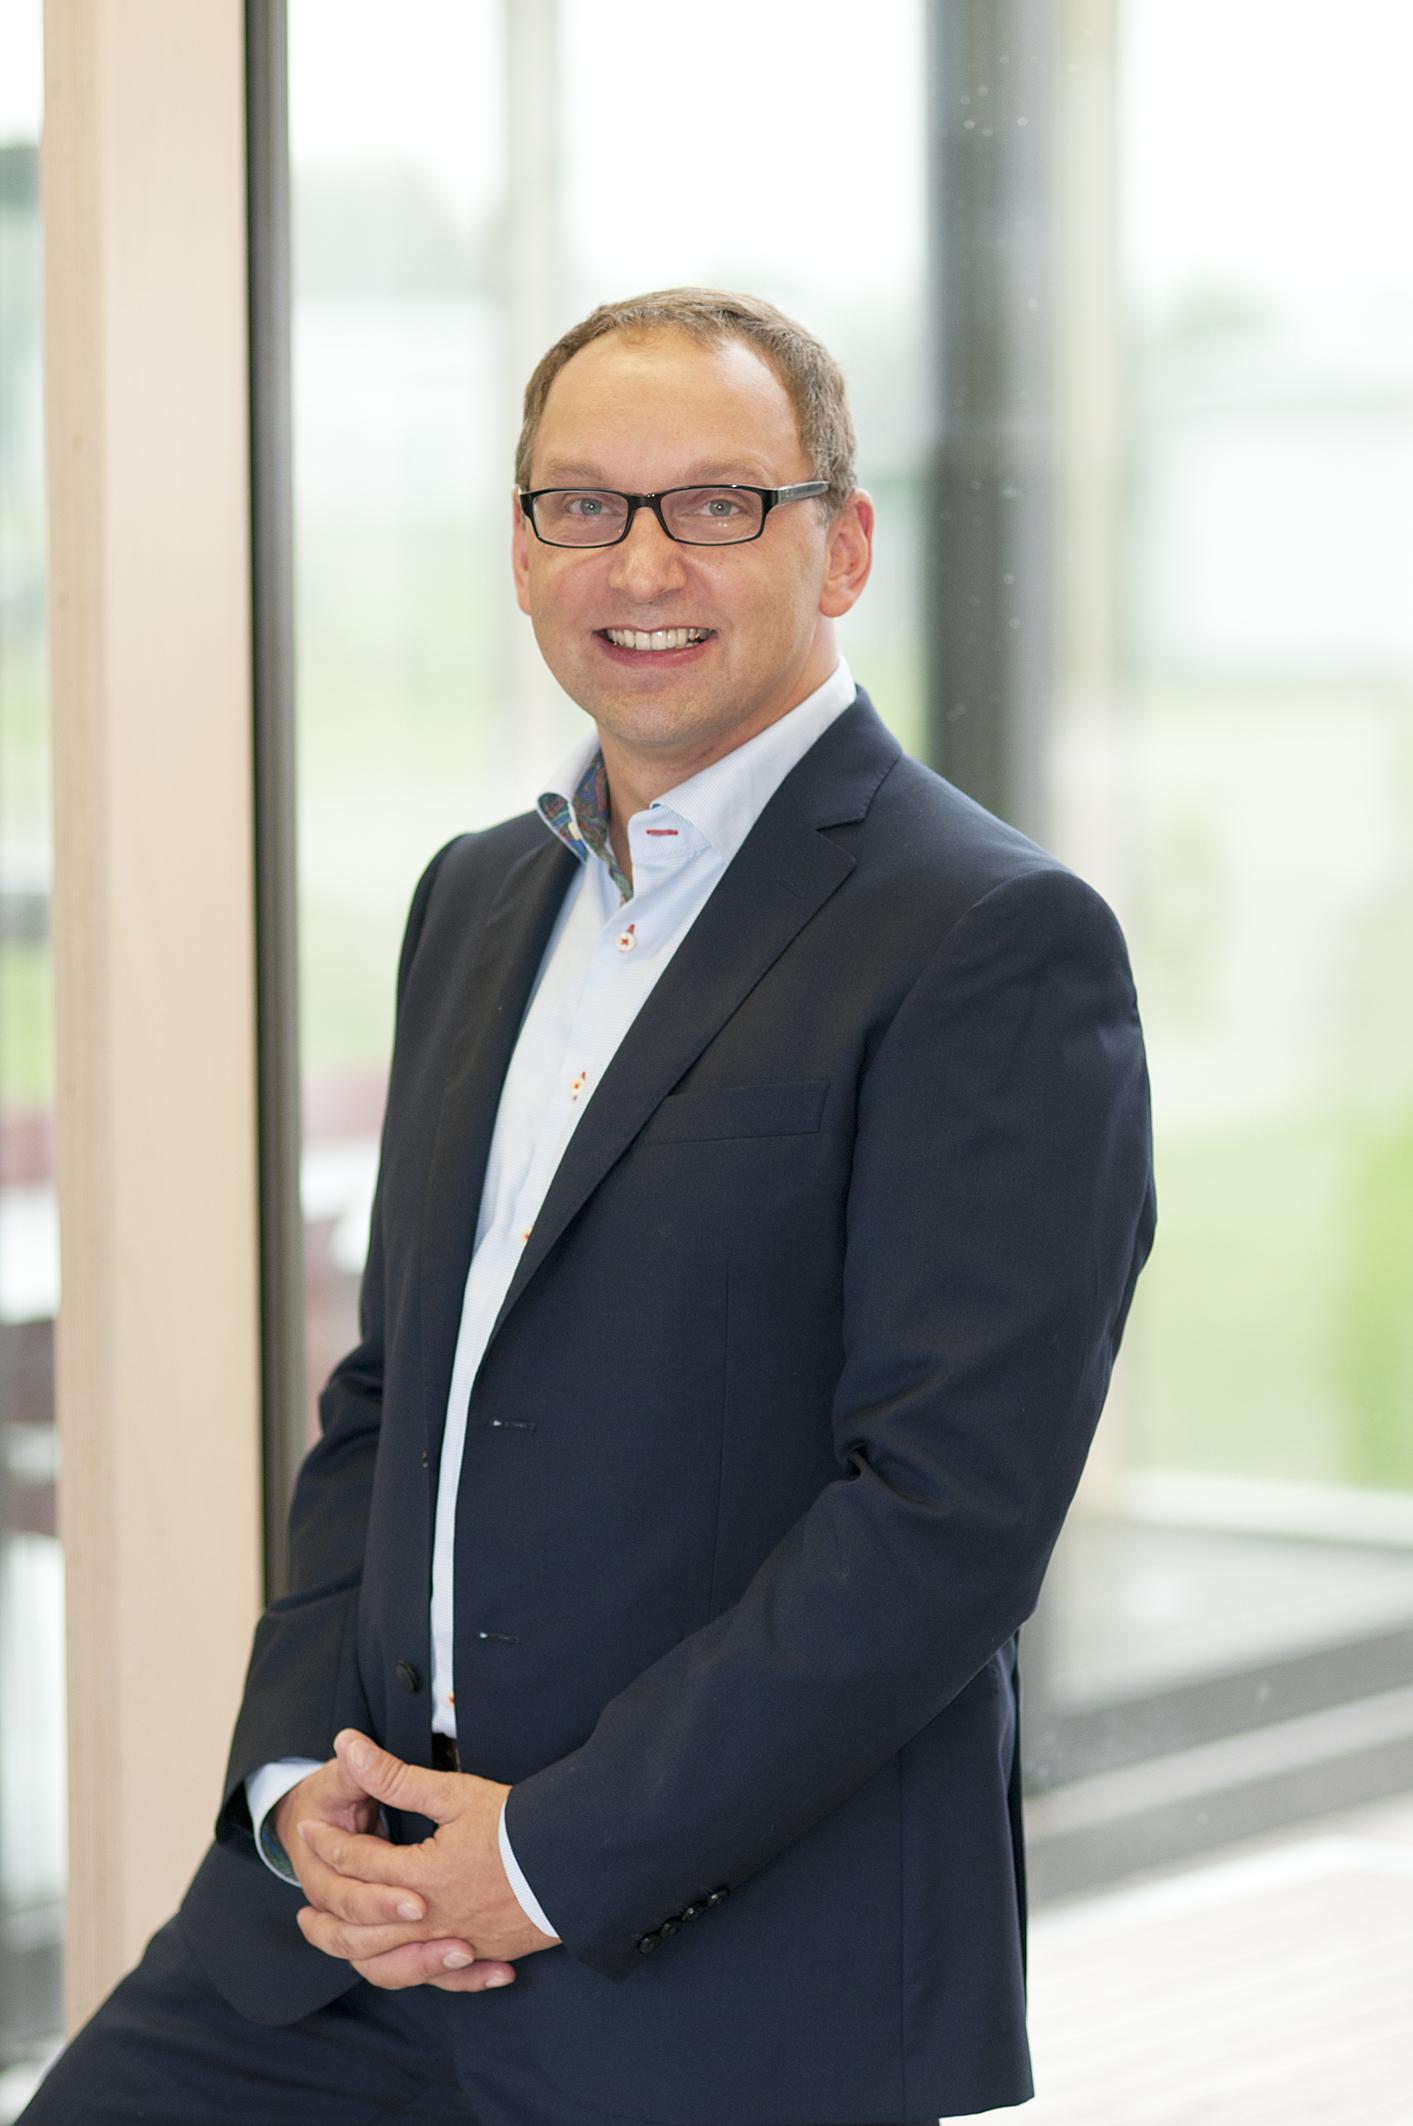 Frank Herzog, CEO / President Concept Laser